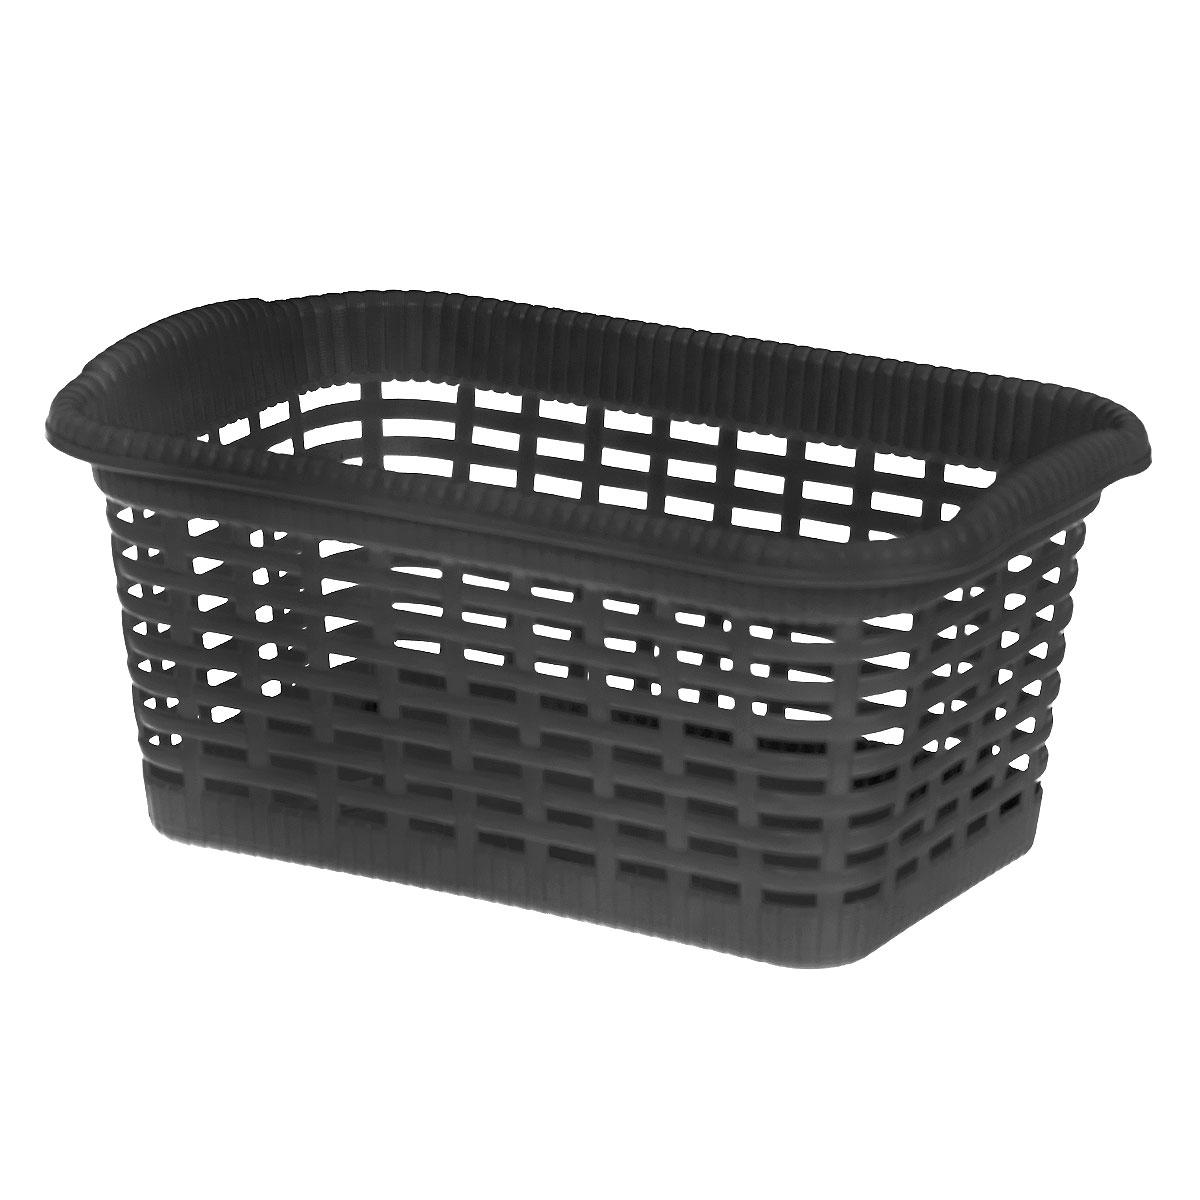 """Универсальная корзина """"Gensini"""", выполненная из пластика, предназначена для хранения мелочей в ванной, на кухне, даче или гараже. Позволяет хранить мелкие вещи, исключая возможность их потери. Легкая воздушная корзина выполнена """"под плетенку"""" и оснащена жесткой кромкой.Размер: 29 см x 18,5 см x 13,5 см. Объем: 7 л."""